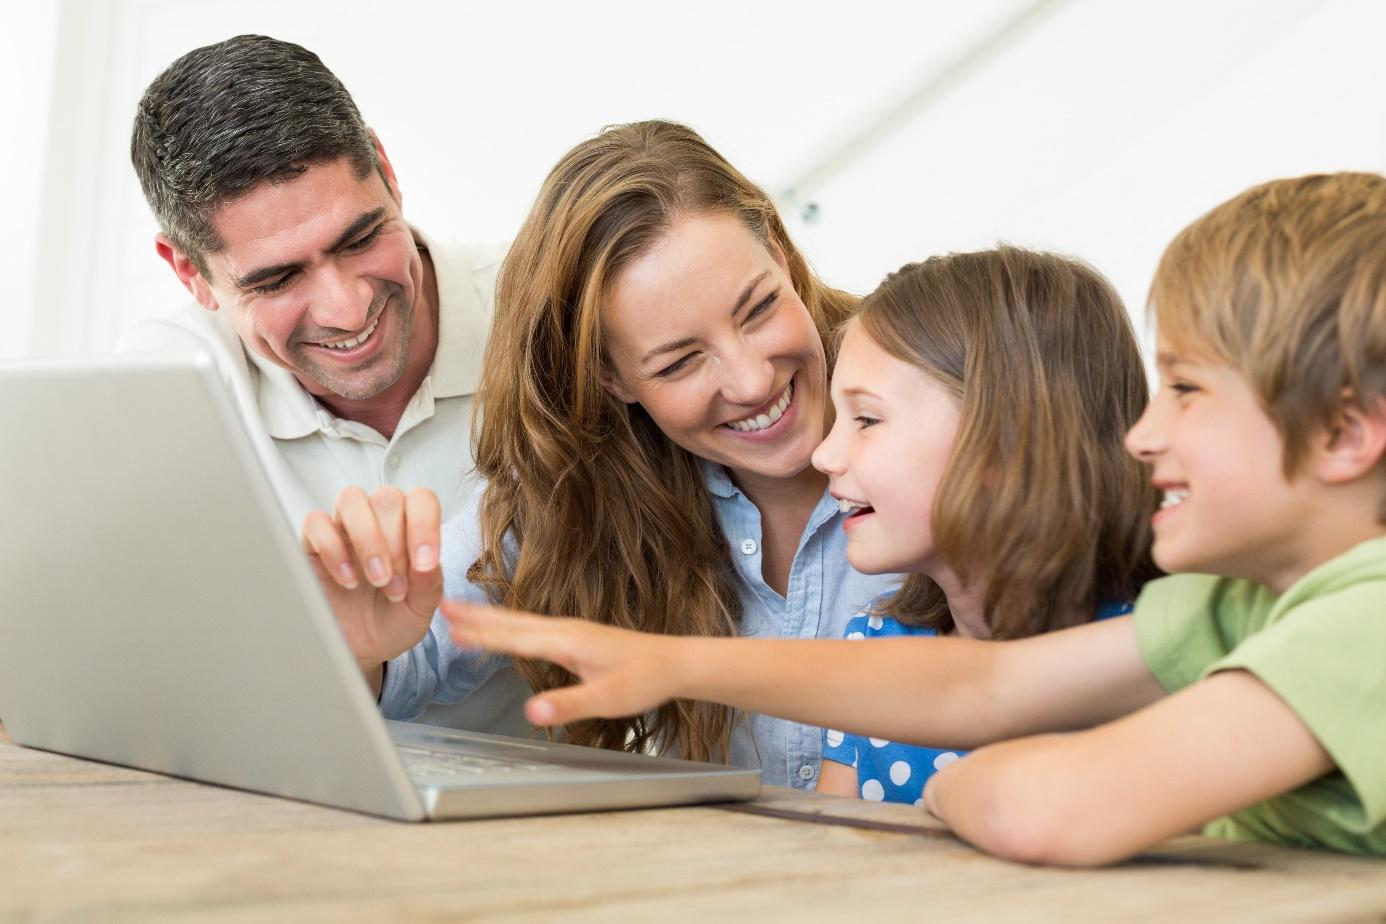 comment protéger vos enfants des dangers d'Internet